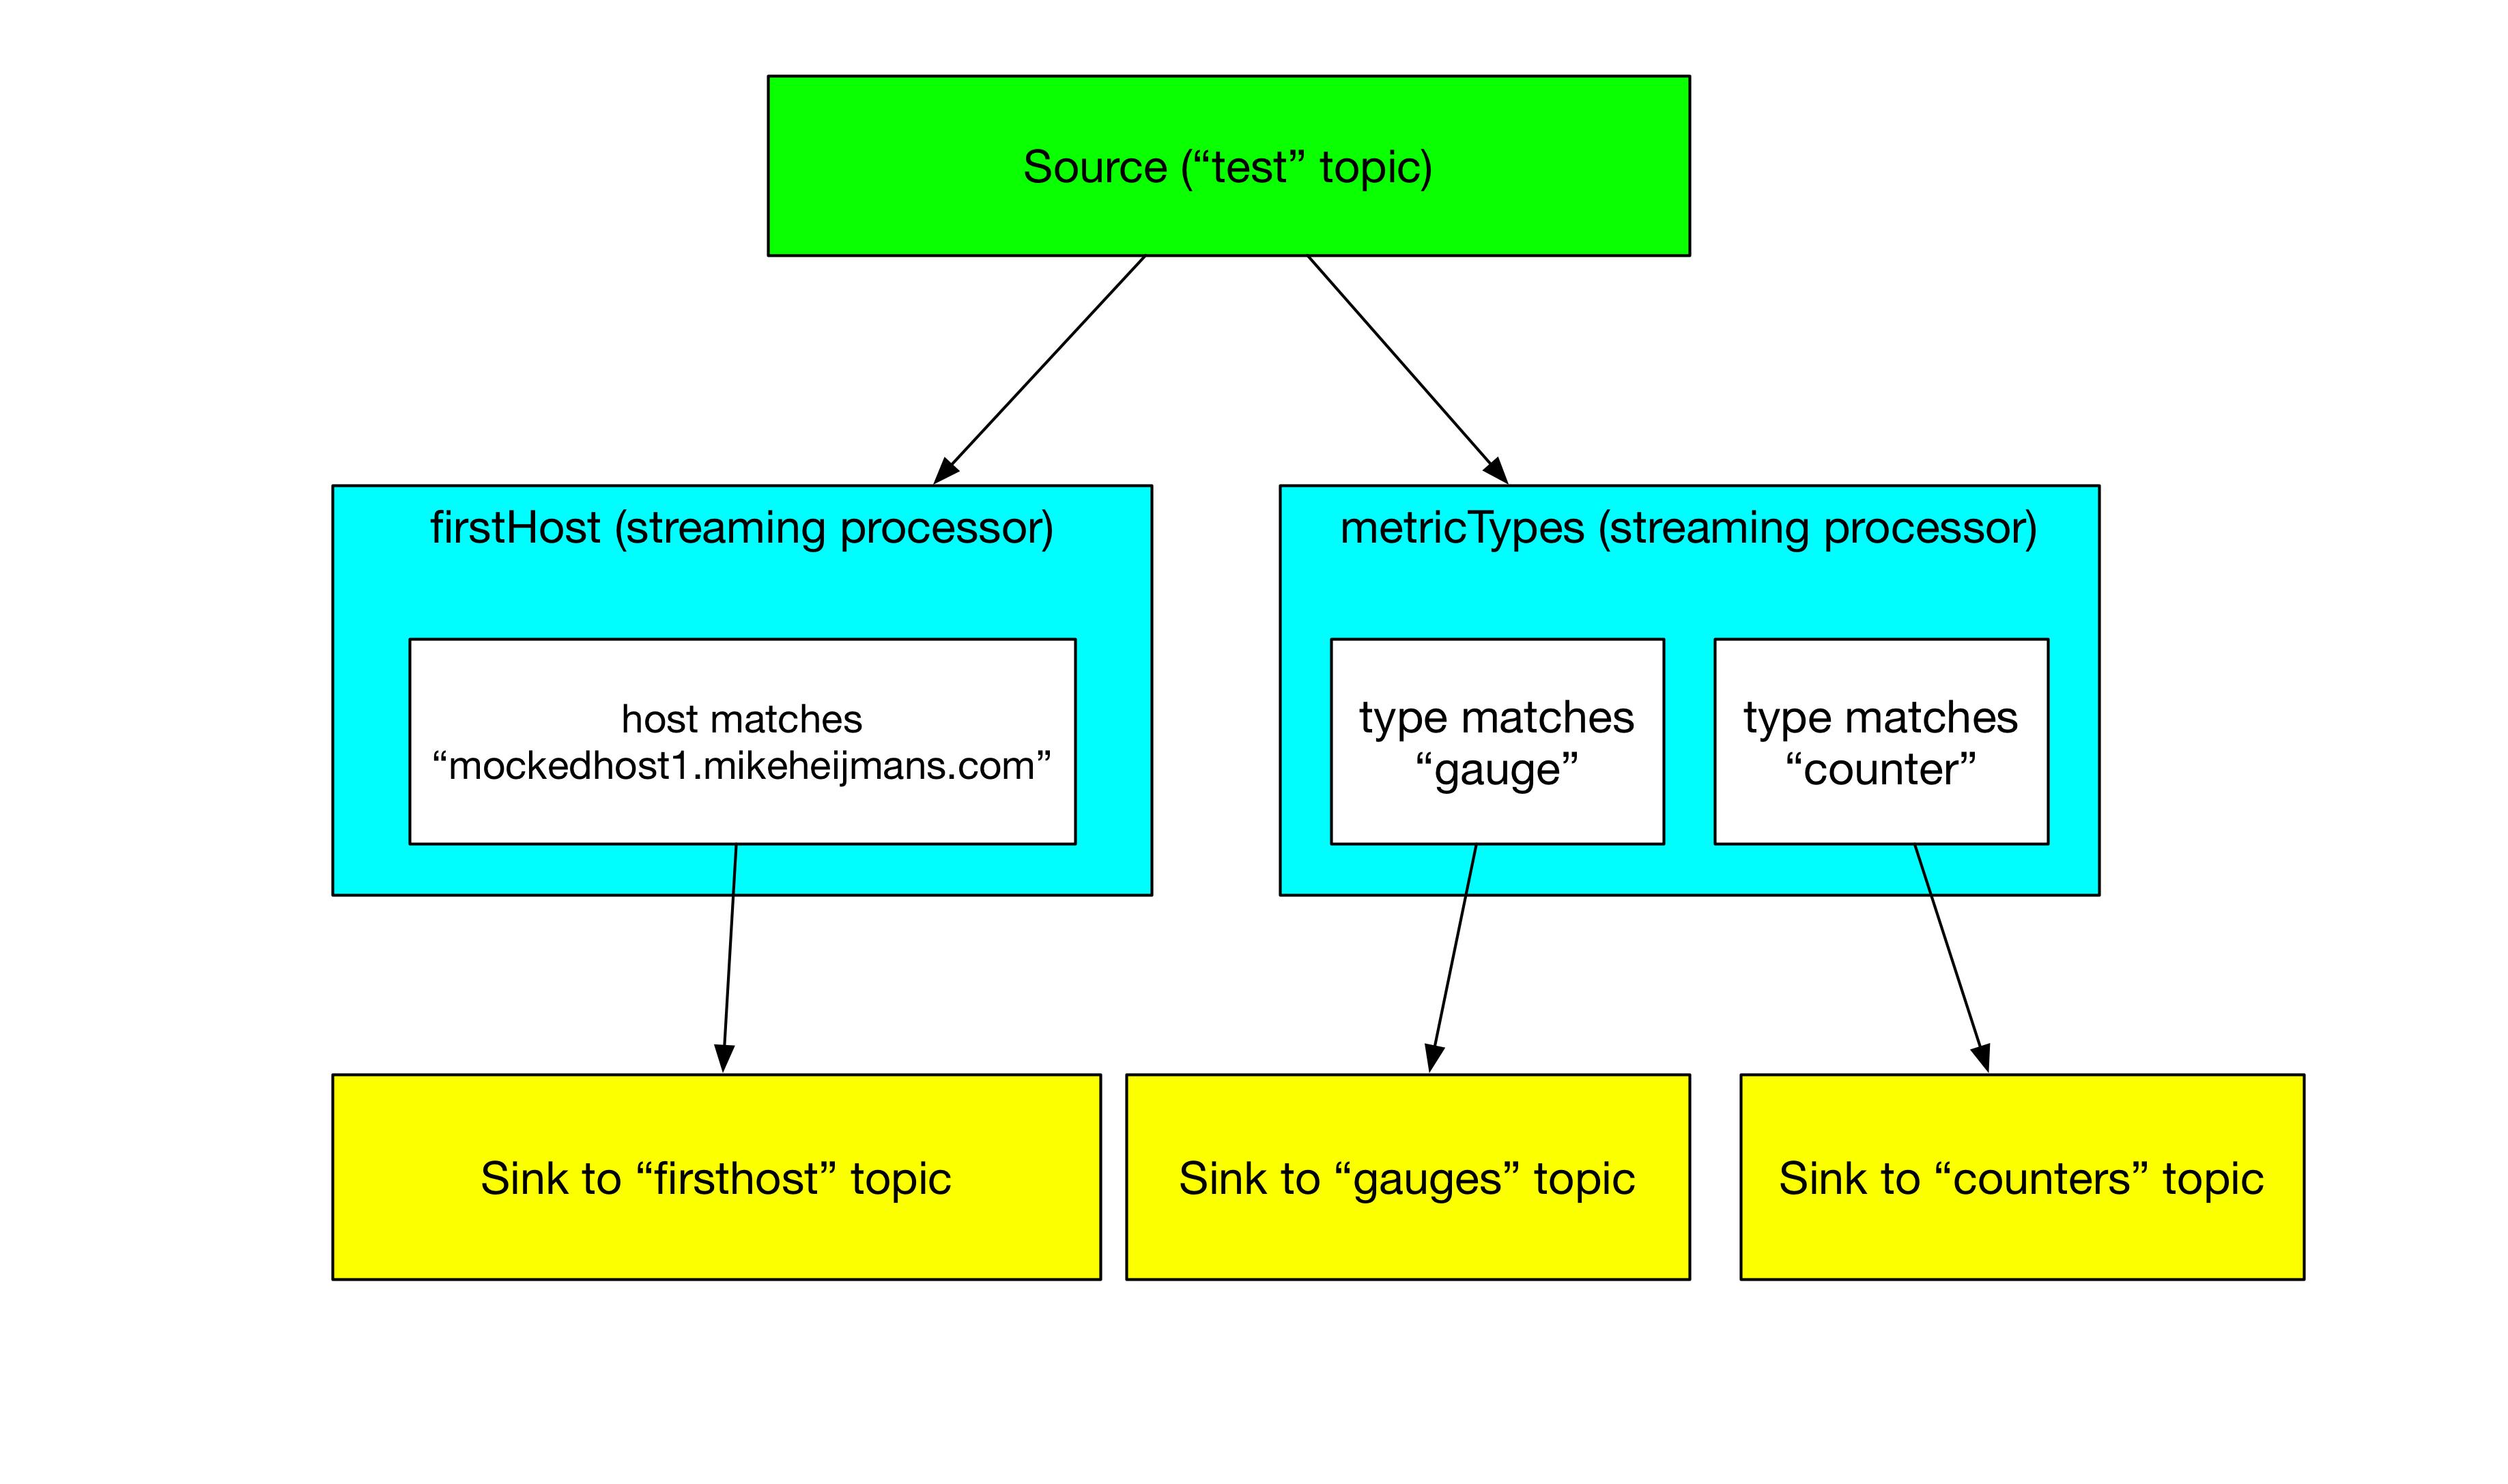 streams diagram